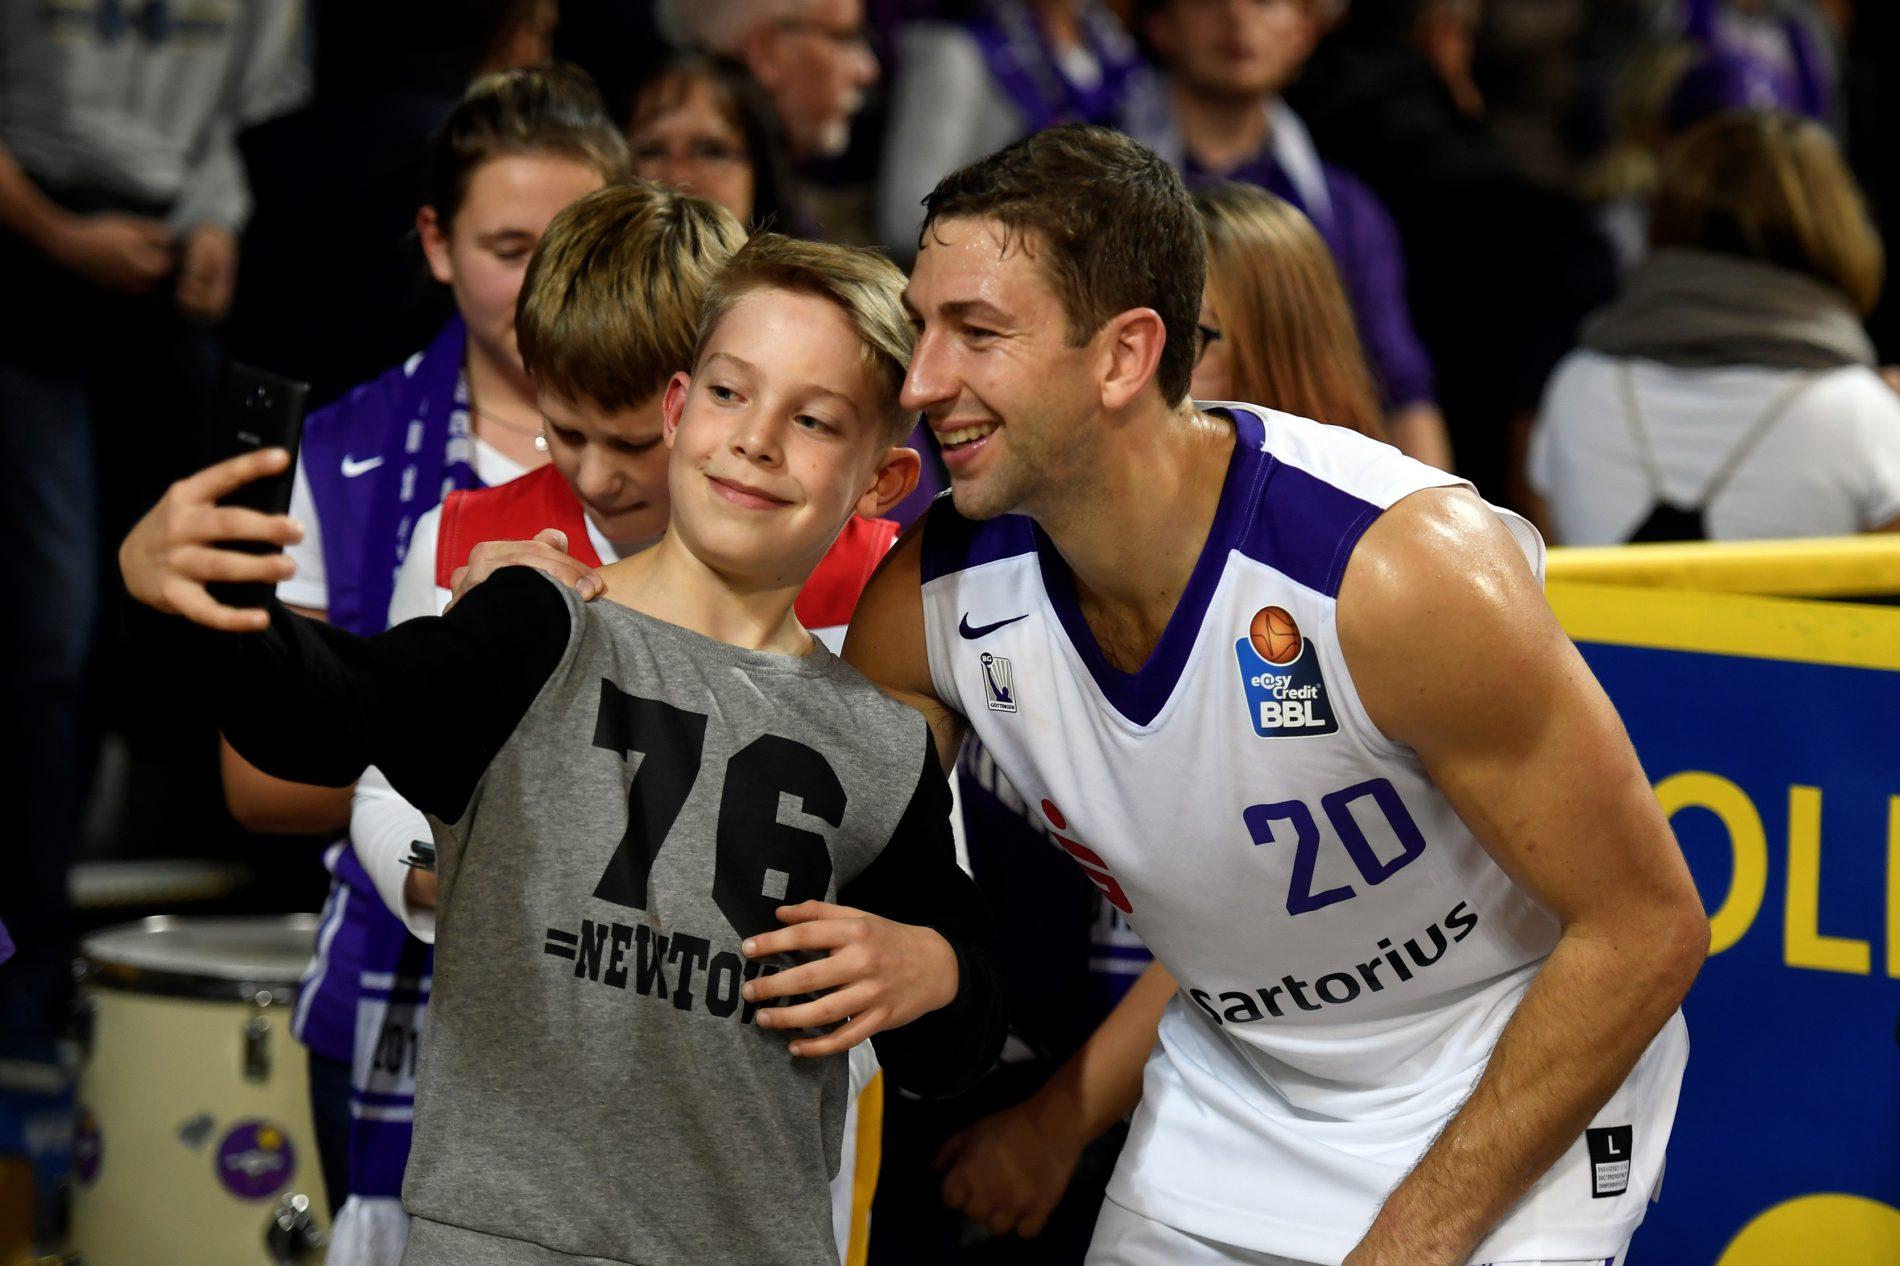 Selfie mit einem jungen Fan - Michael Stockton